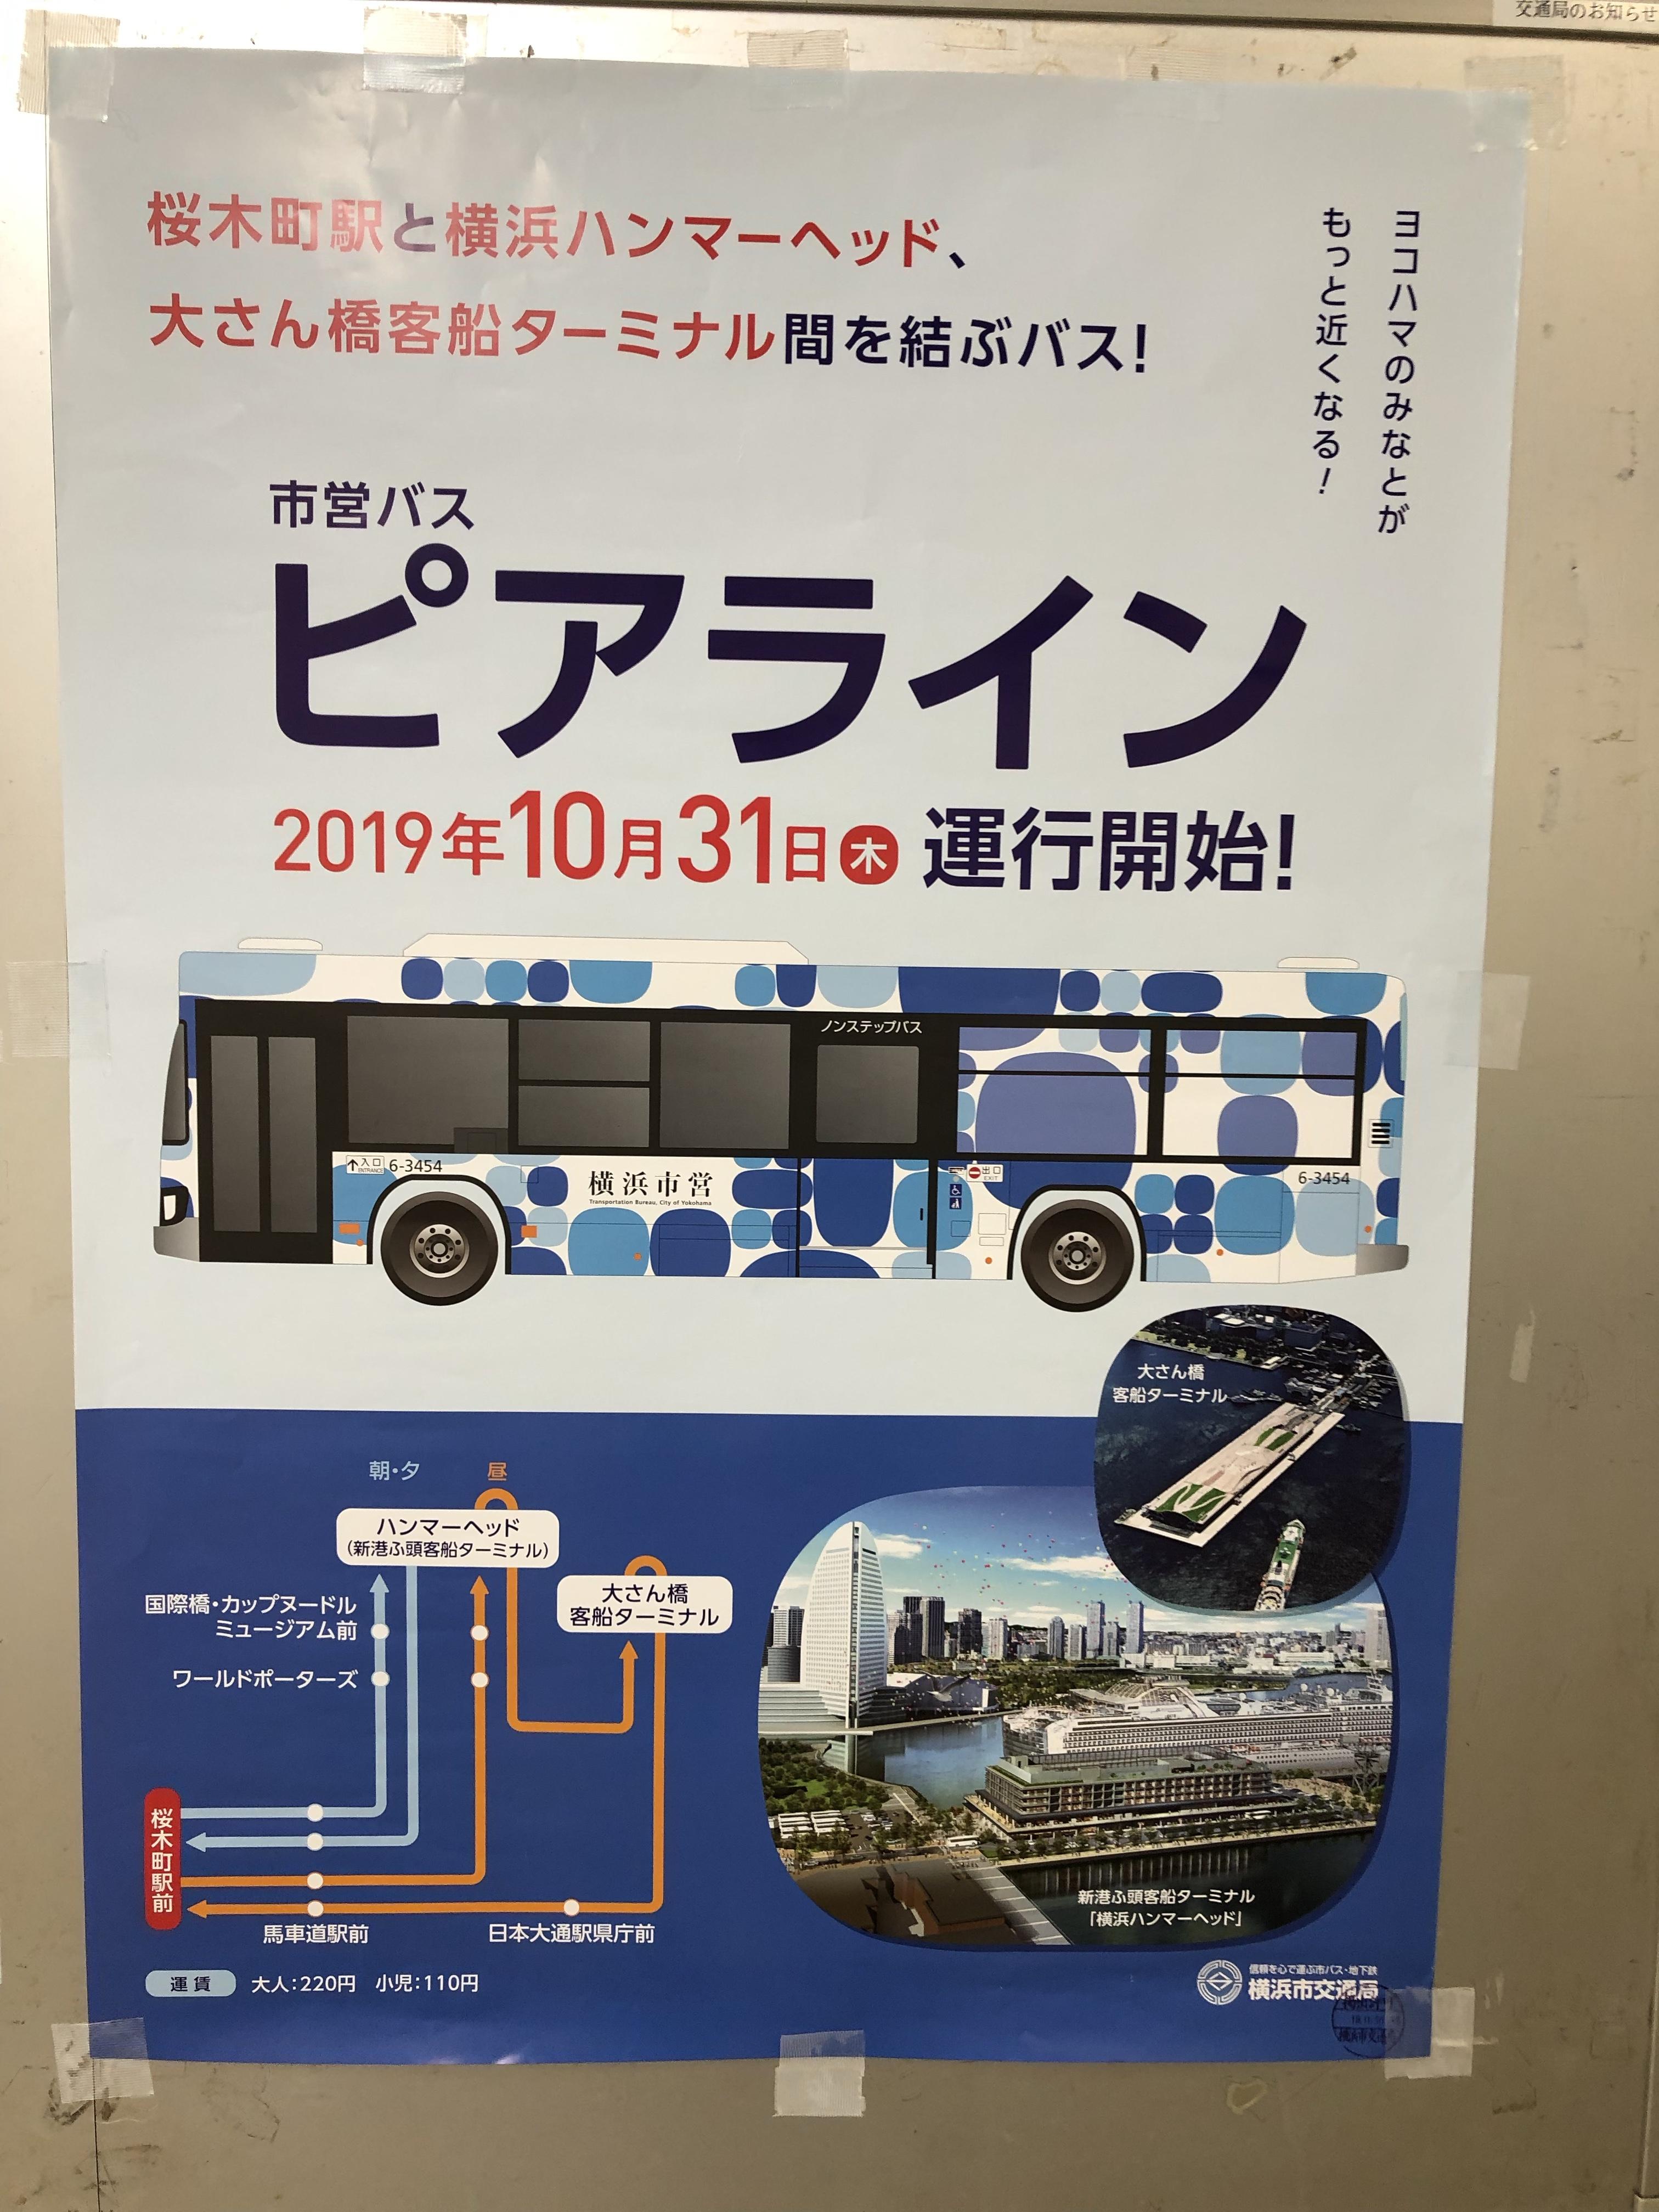 表 時刻 図 バス 横浜 路線 市営